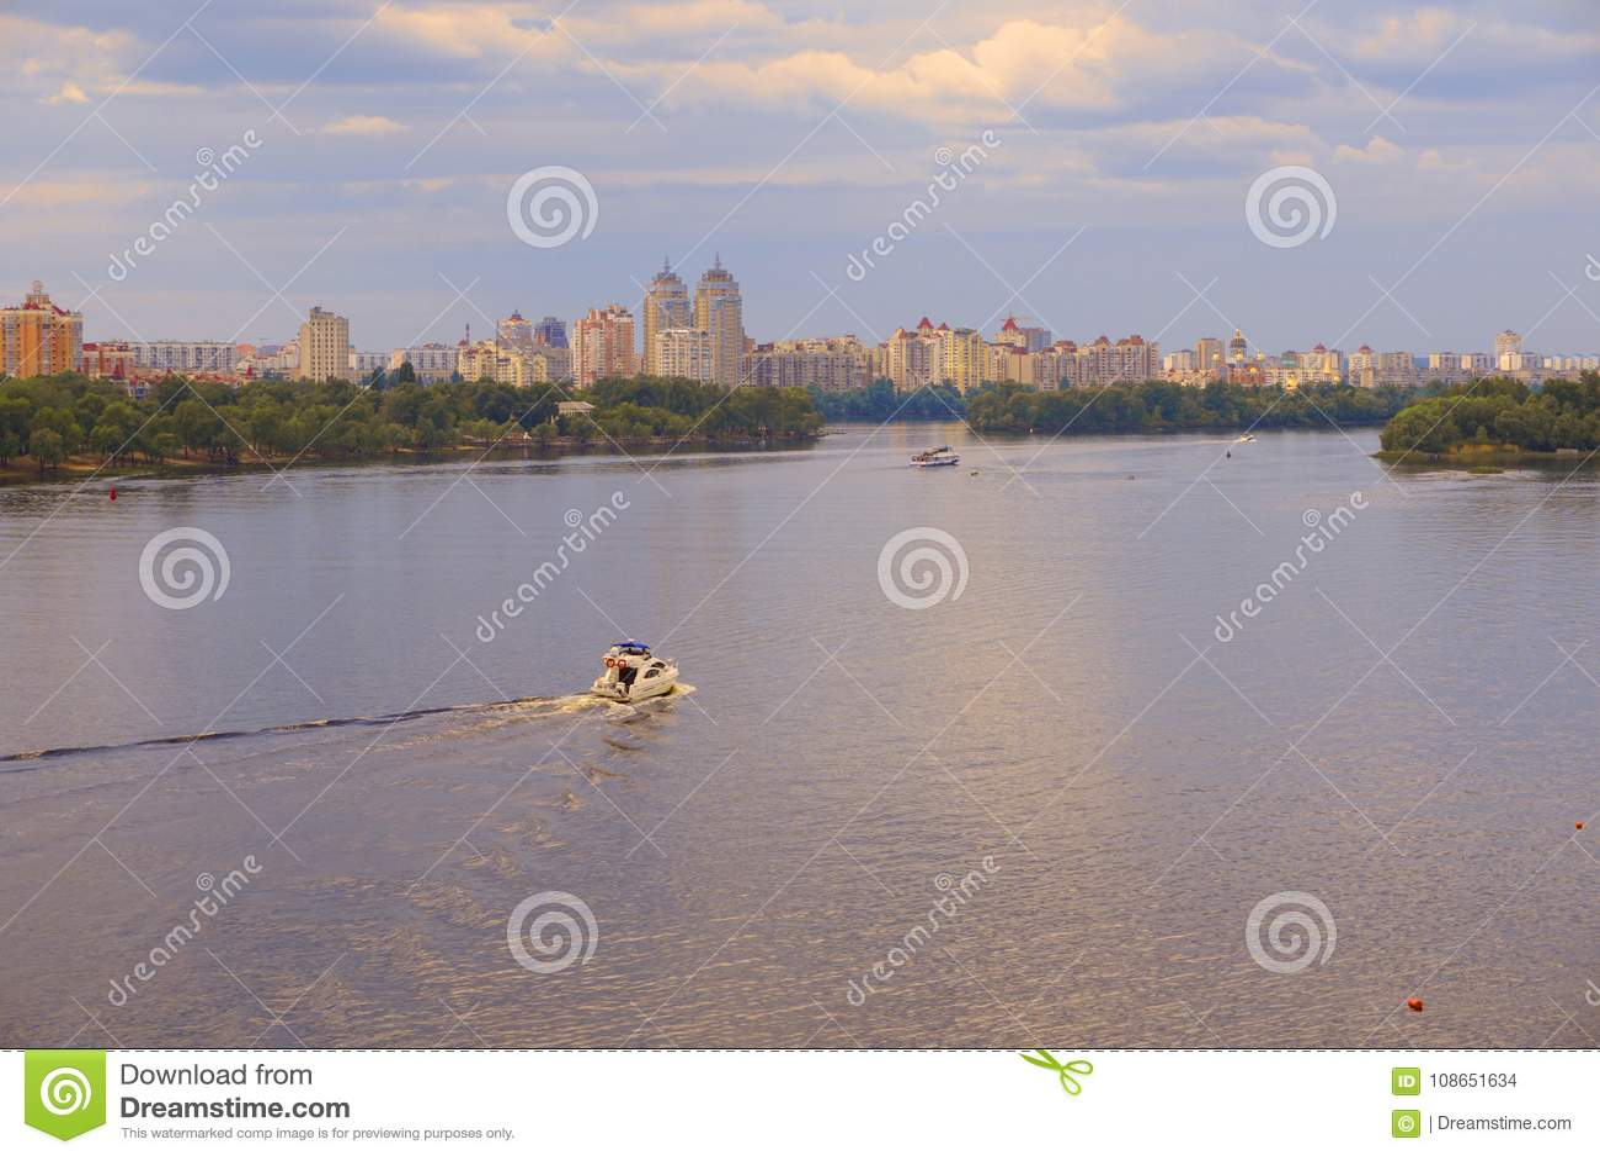 乘快艇船,小船去Dnieper Dnipro,以城市摩天大楼为背景的德聂伯级河的表面上